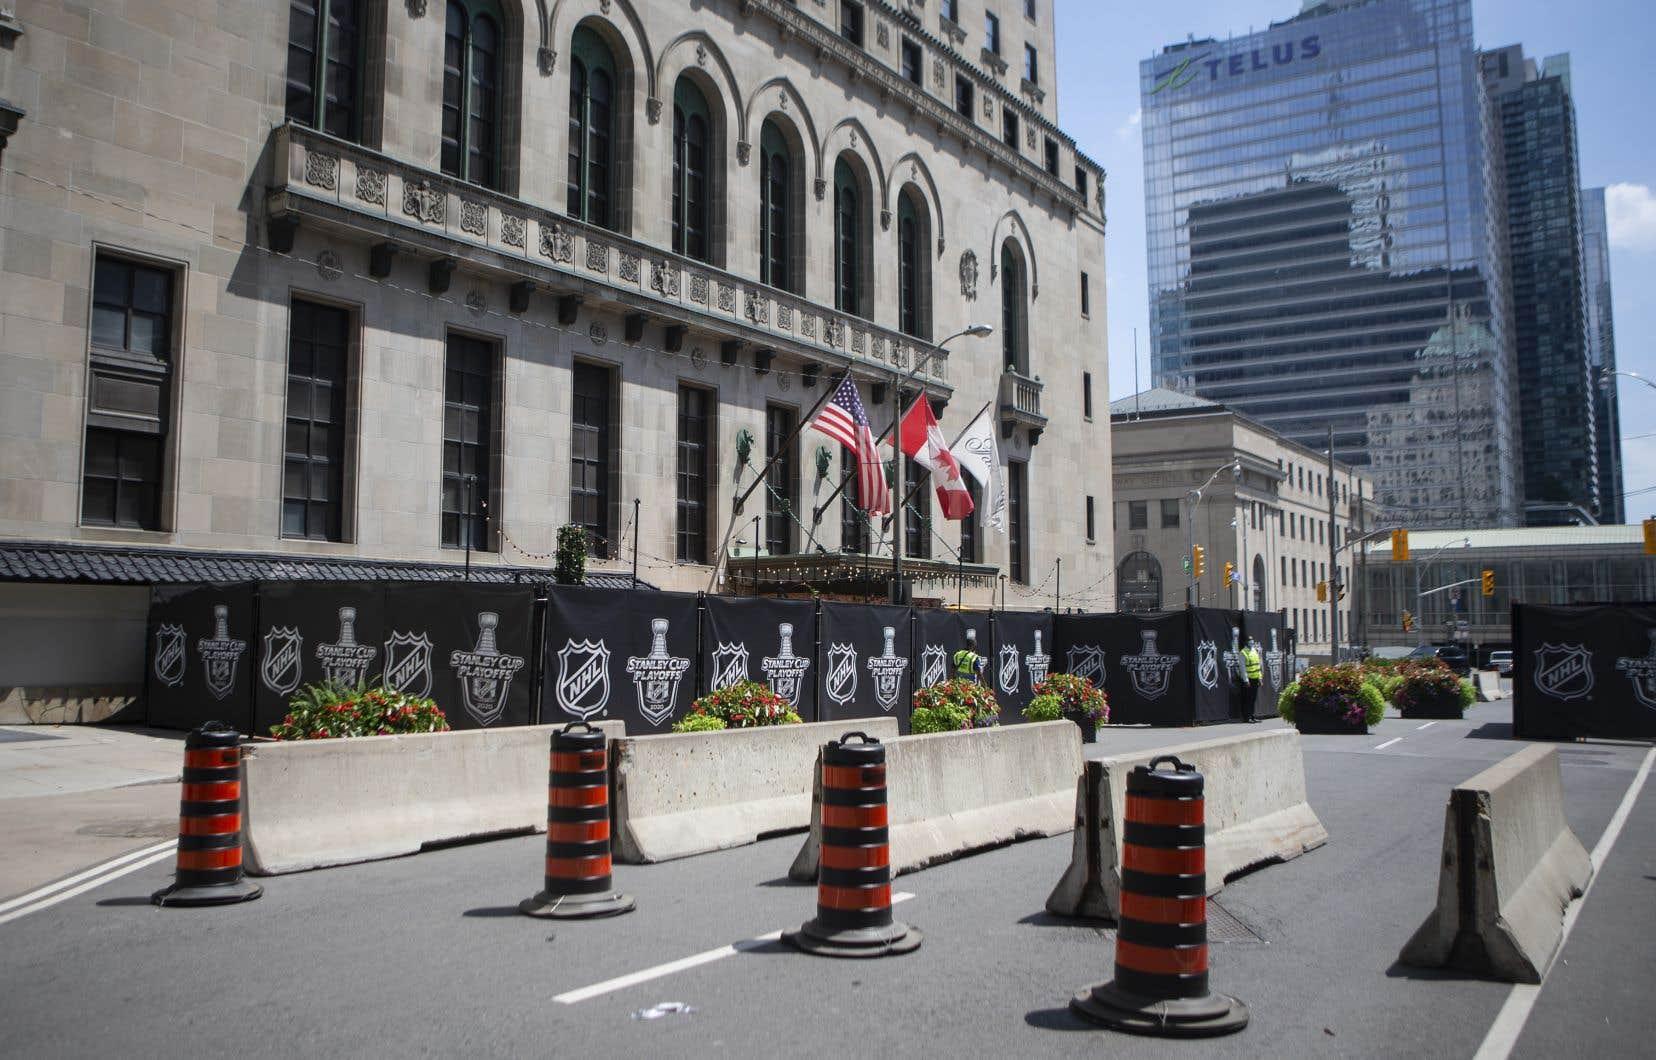 Un tronçon de la rue longeant l'hôtel Royal York a été fermé pour créer une «bulle» sanitaire à Toronto, dans laquelle les équipes demeureront jusqu'à la fin du tournoi de relance de la LNH.